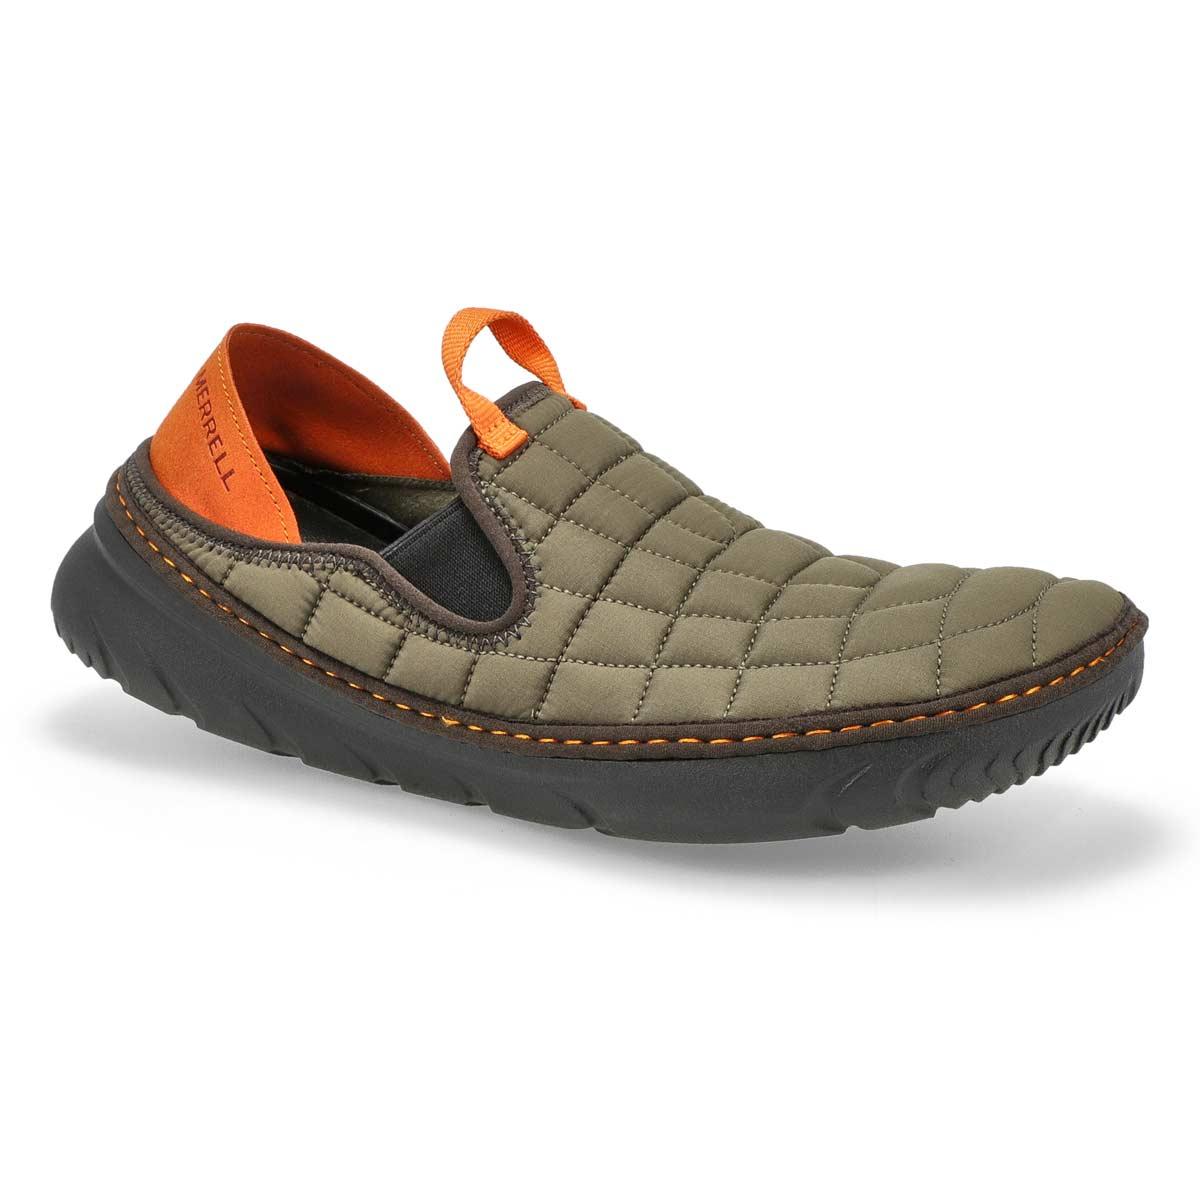 Men's Hut Moc Nylon Slip On Shoe - Olive